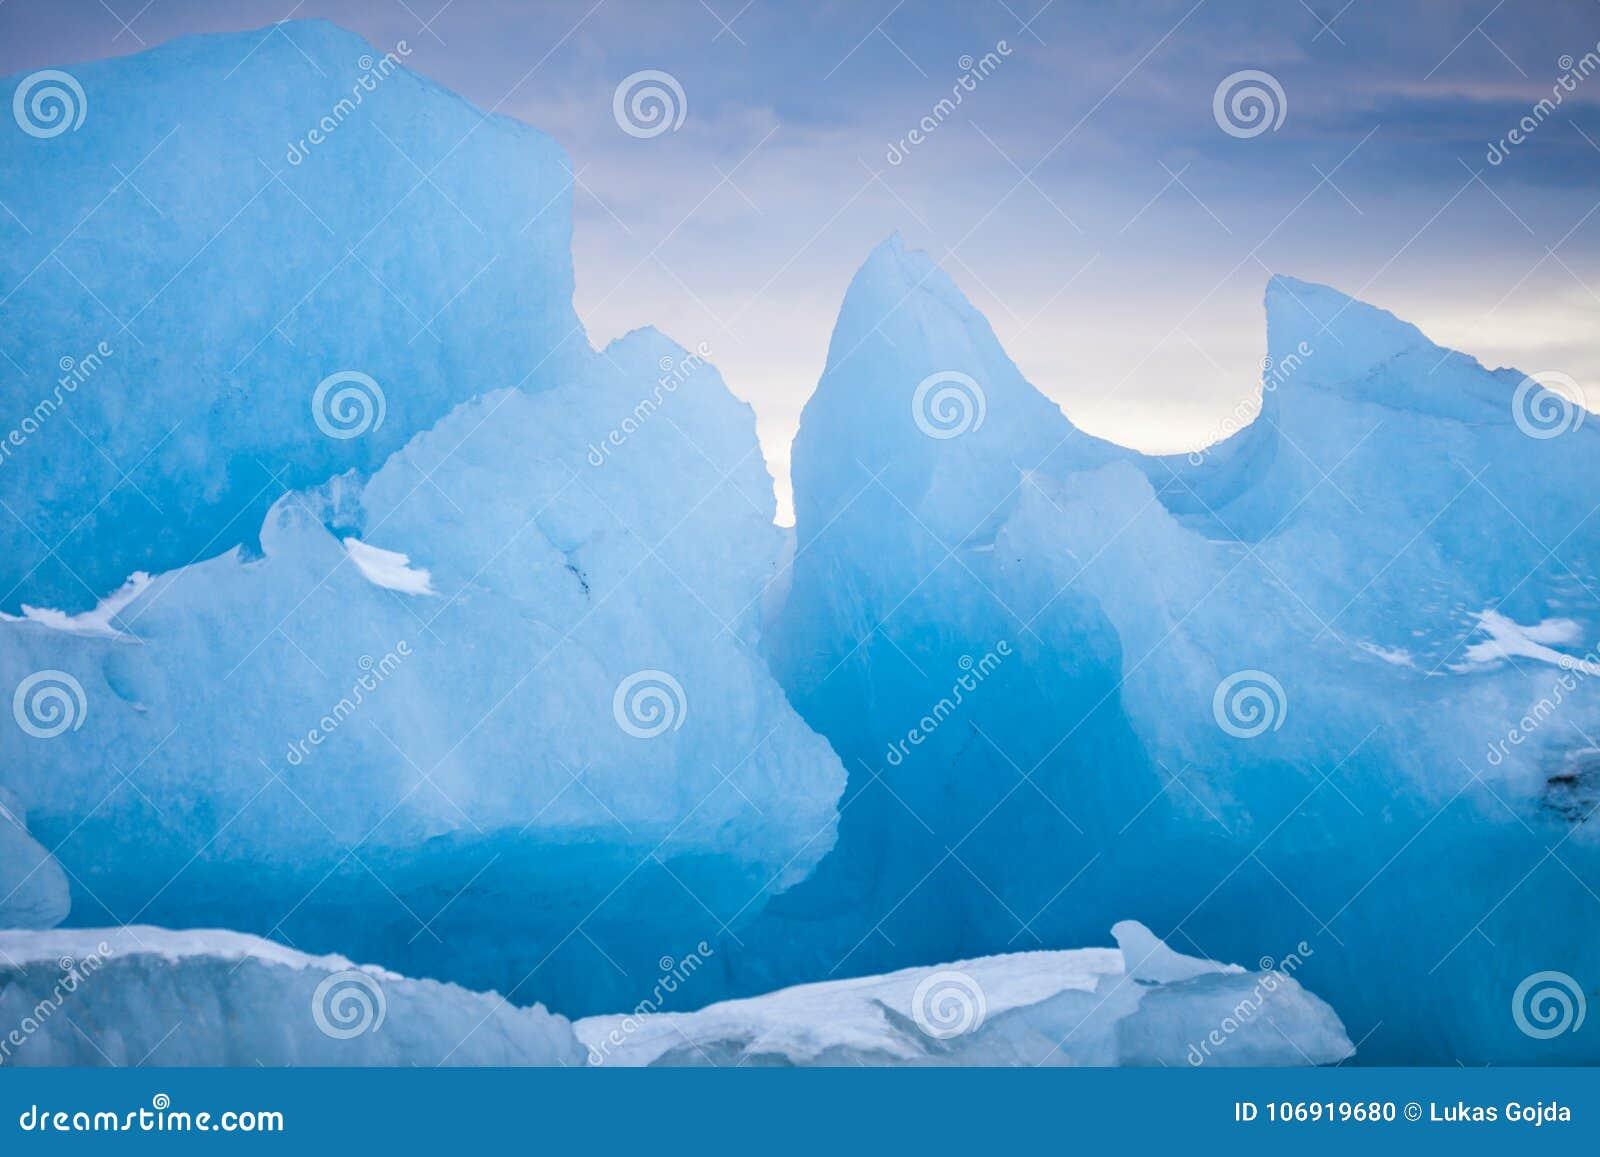 Góry lodowa pływa na zamarzniętej wodzie, zakończenie